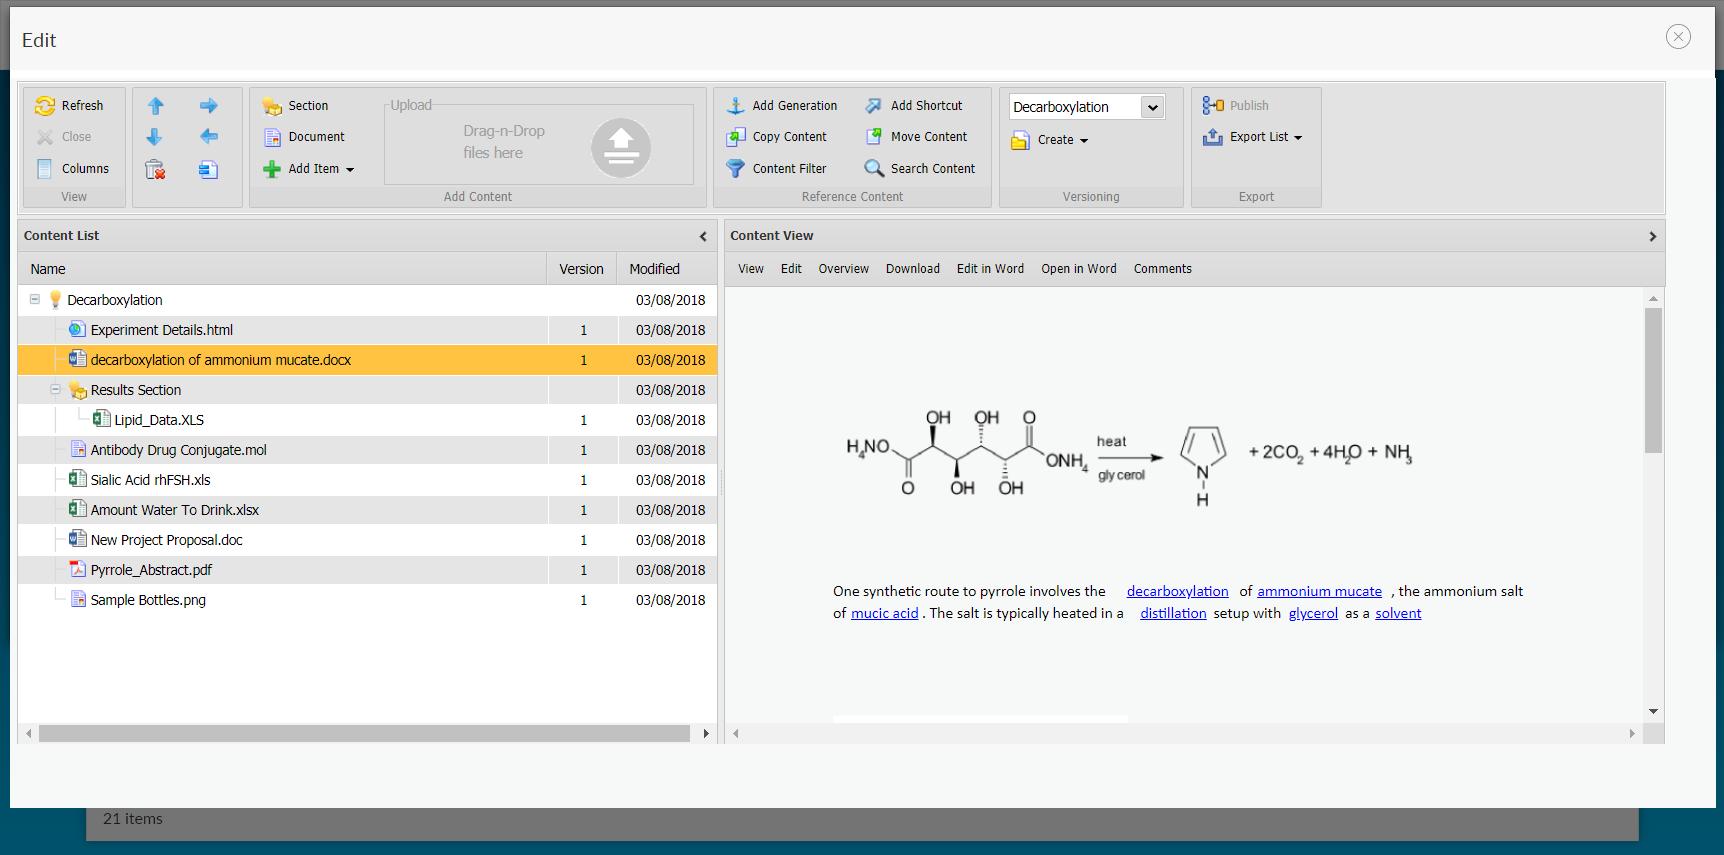 Exp screenshot - ELN 16.png